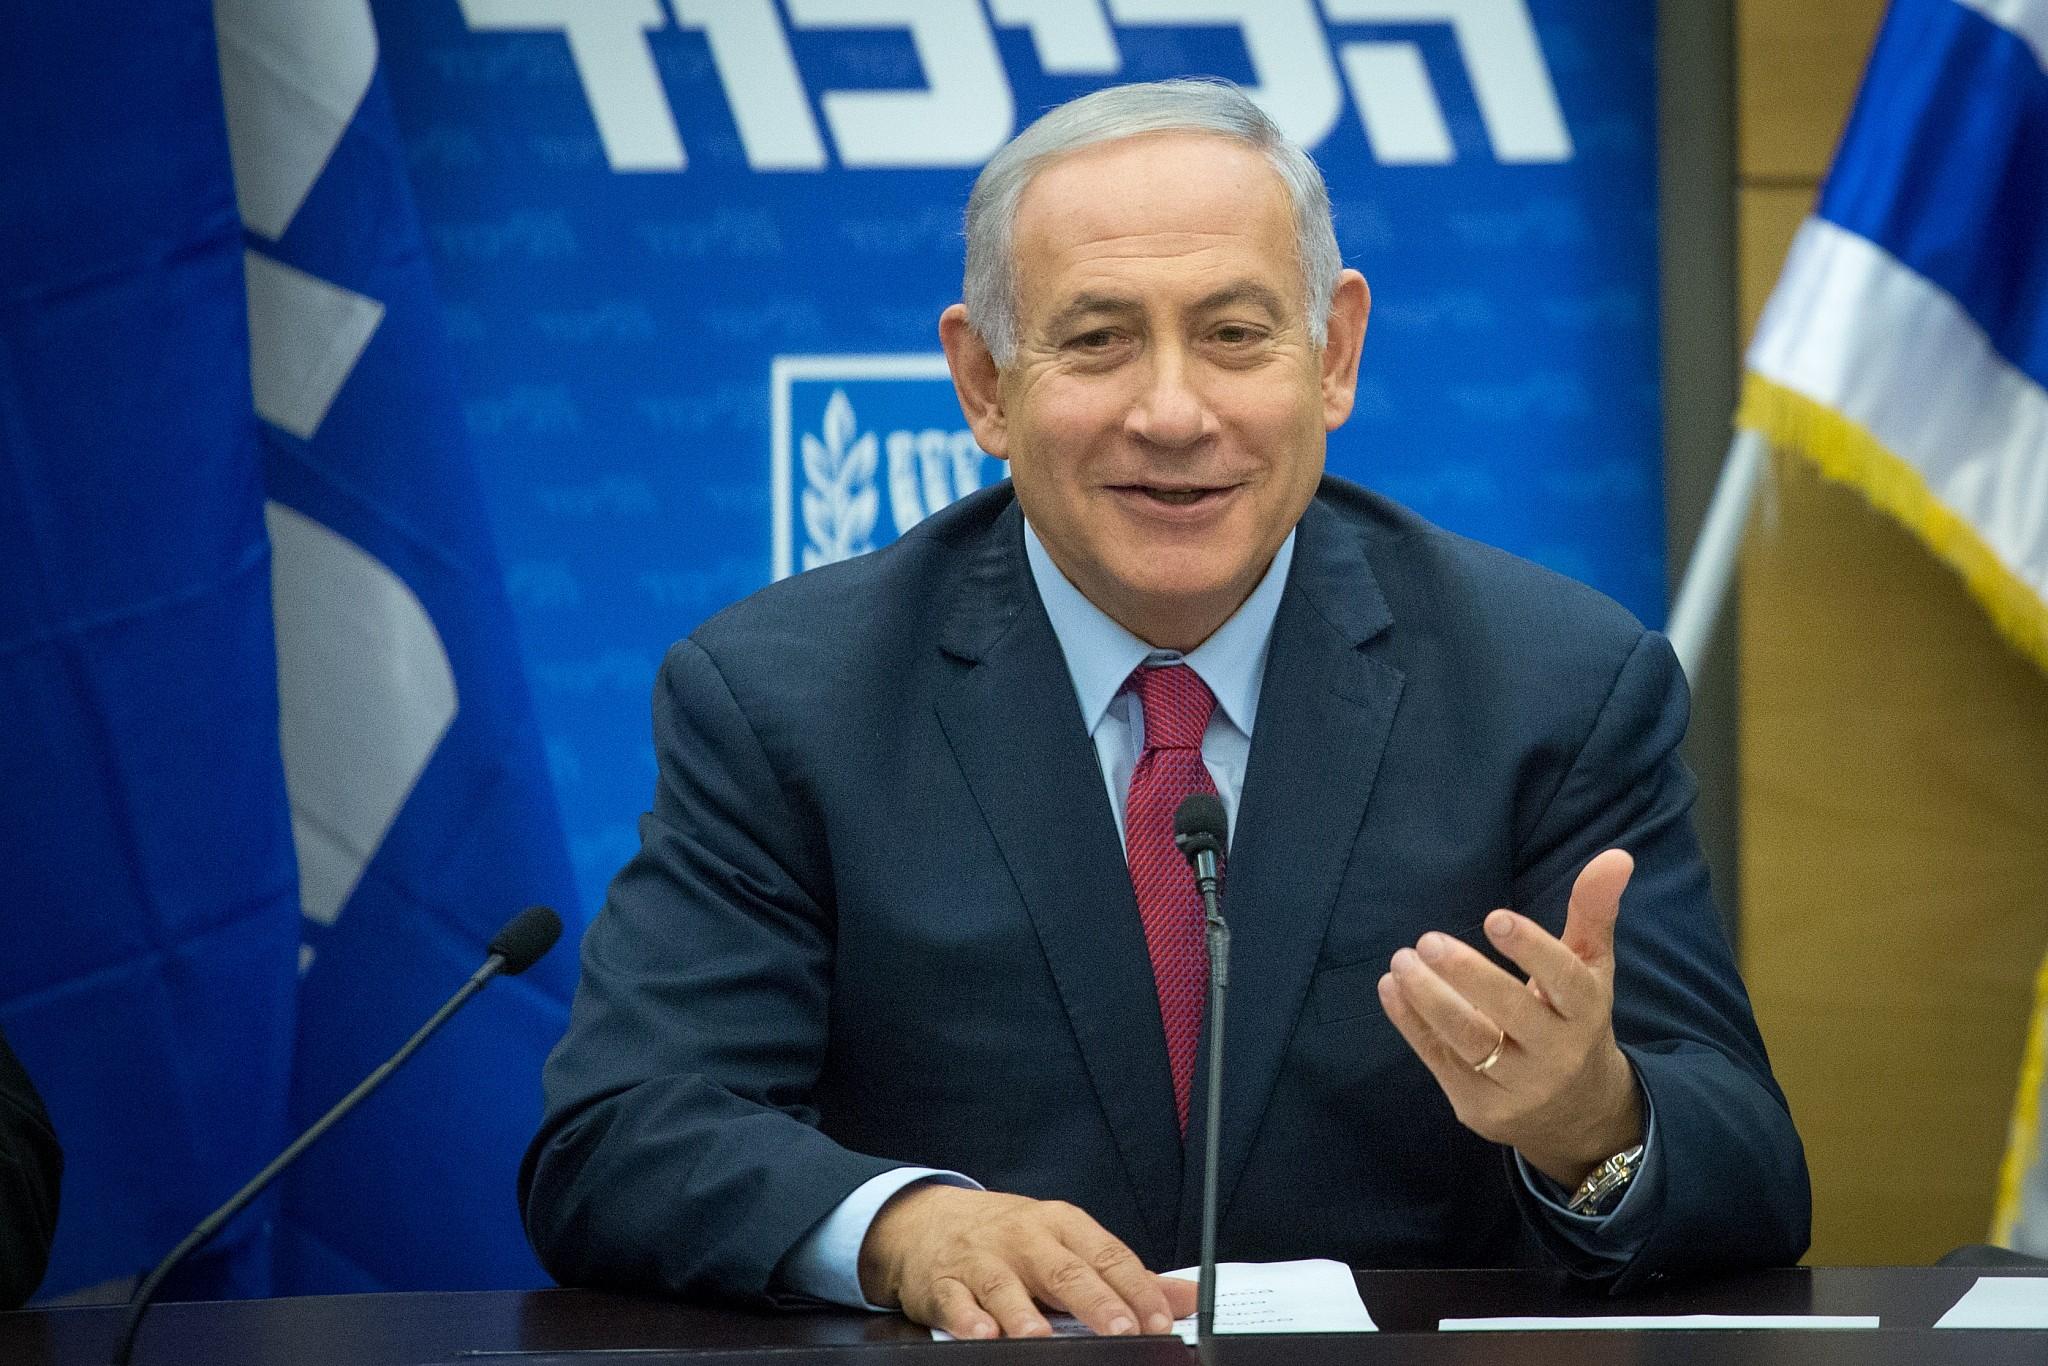 CNN fires analyst Marc Lamont Hill after UN speech on Israel